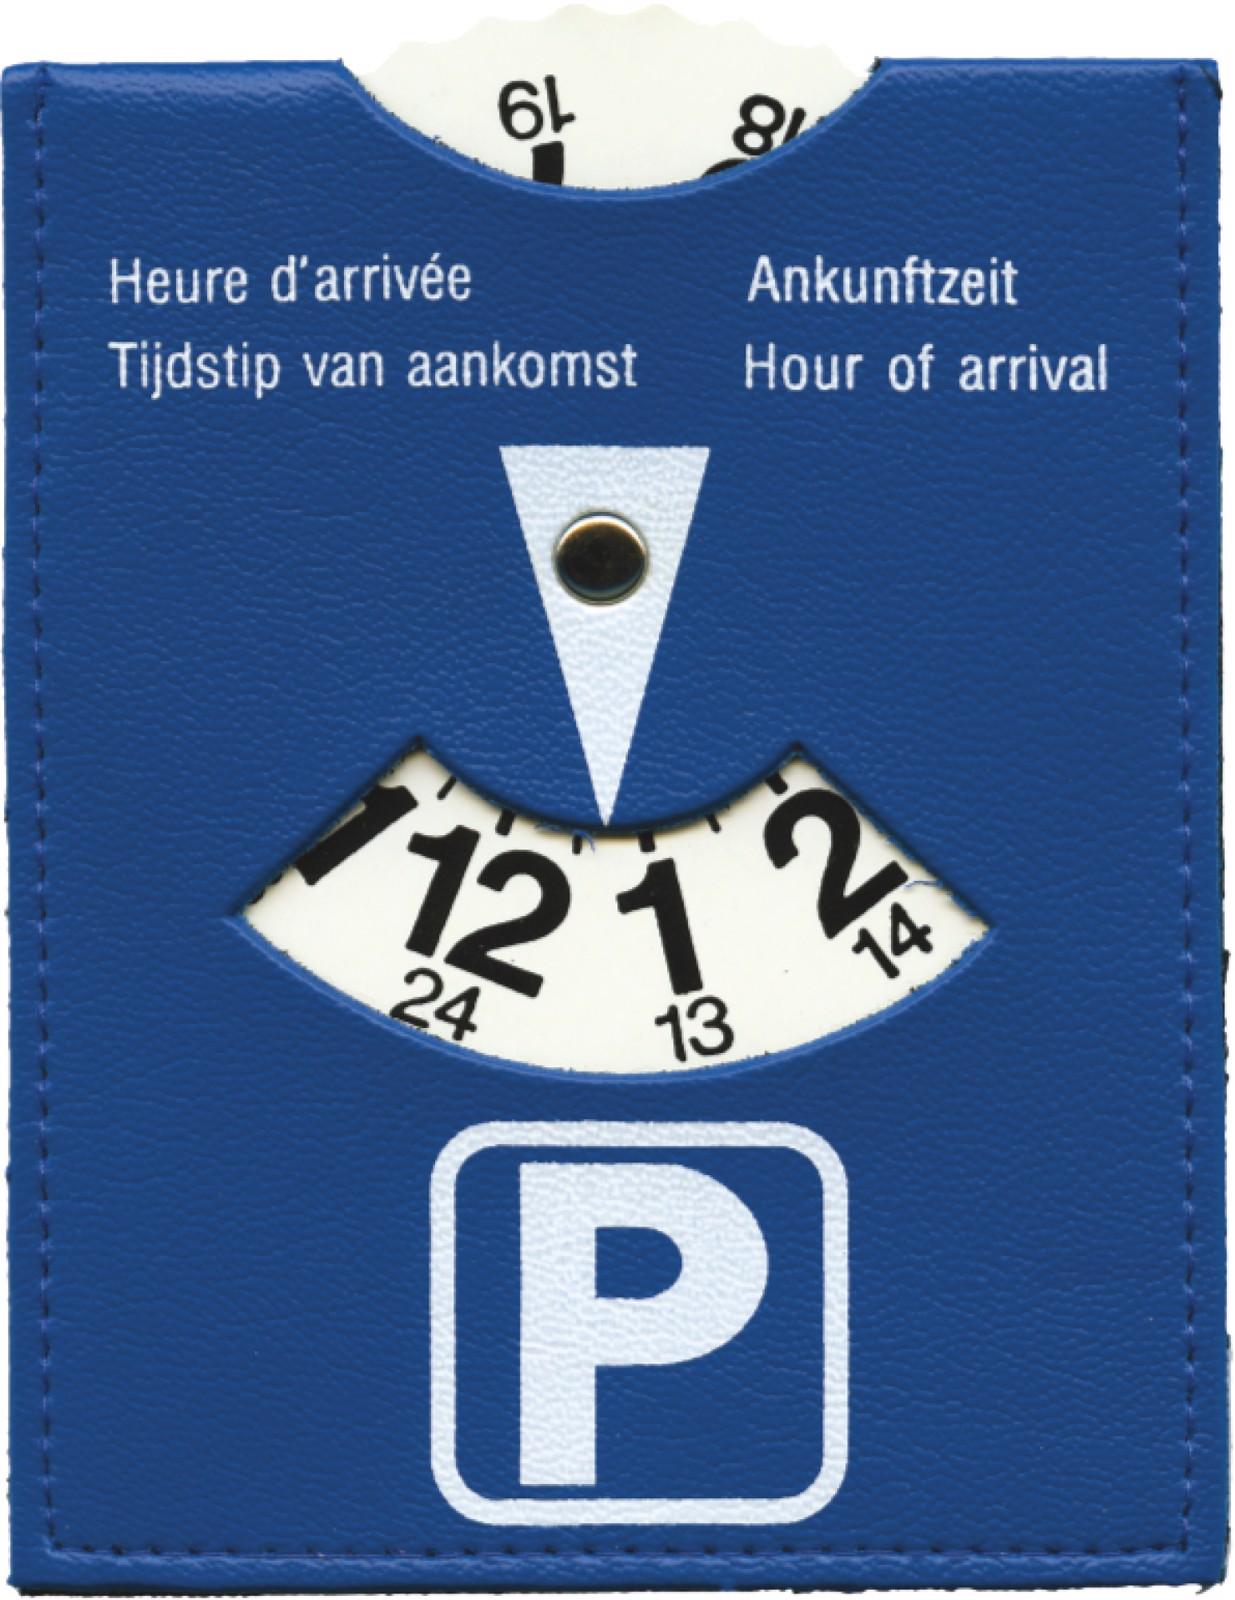 PVC parking disc